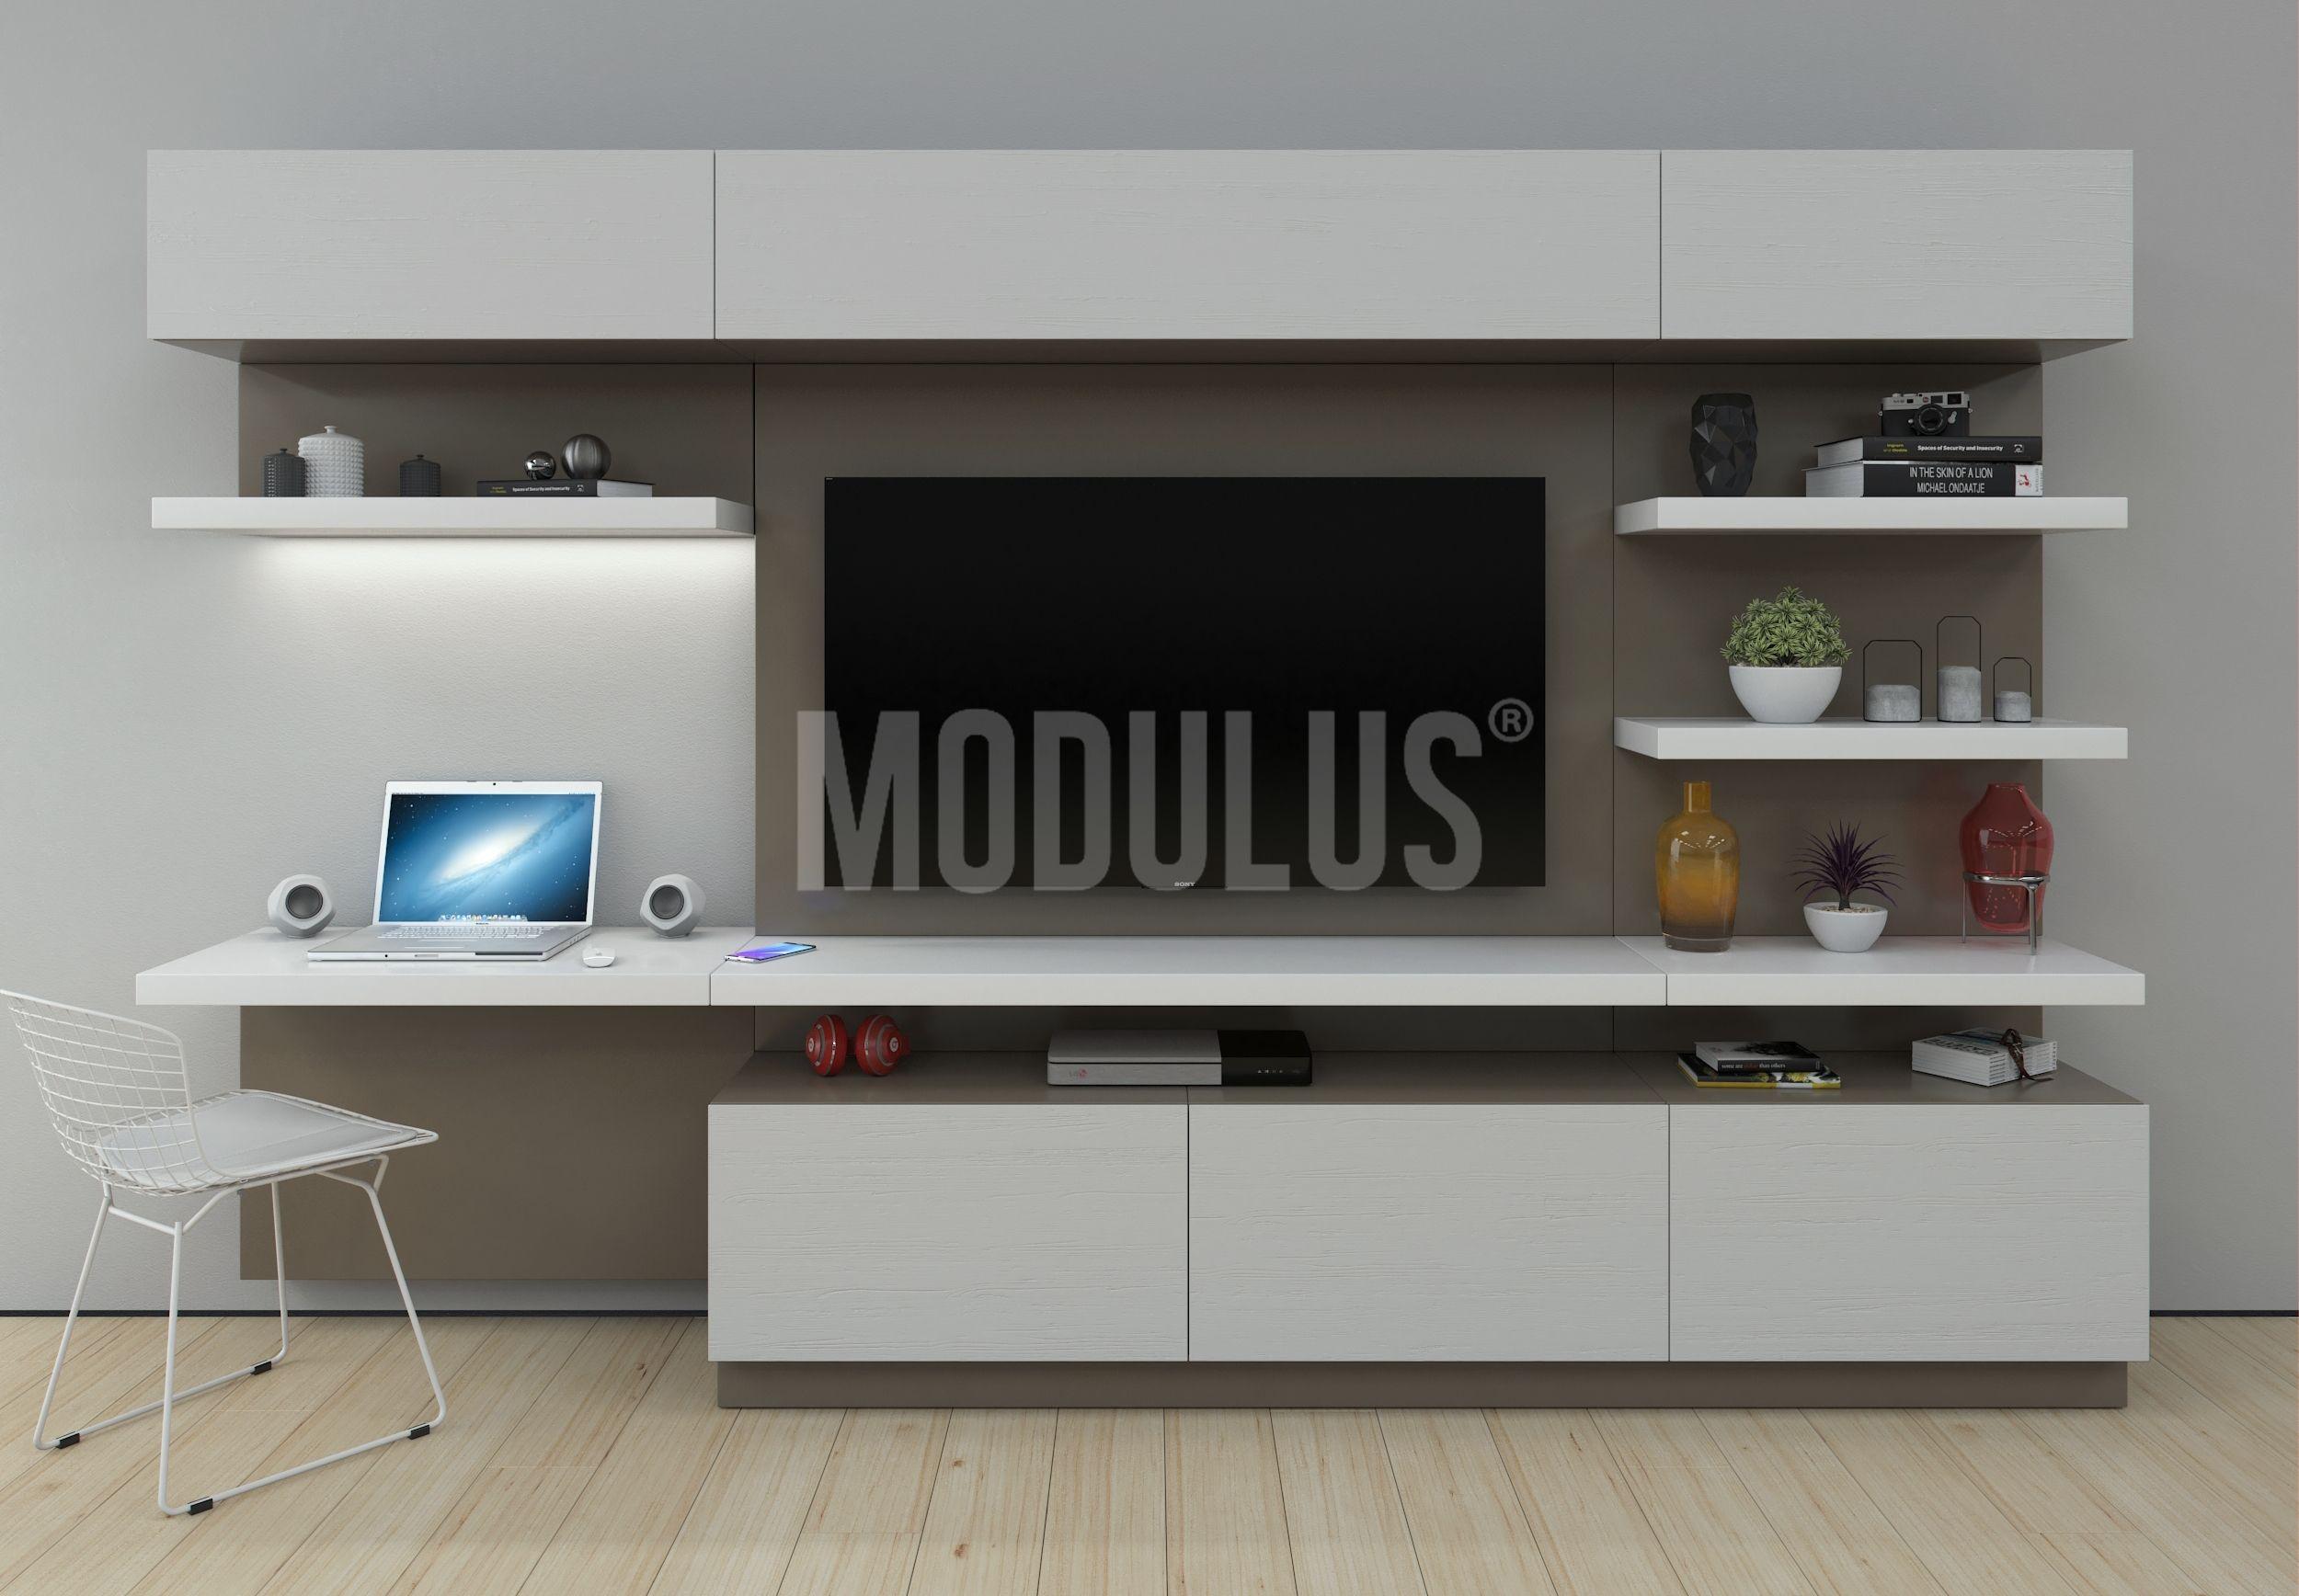 Sistema mural 37 oficina en casa en 2019 muebles para for Diseno de muebles de oficina modernos